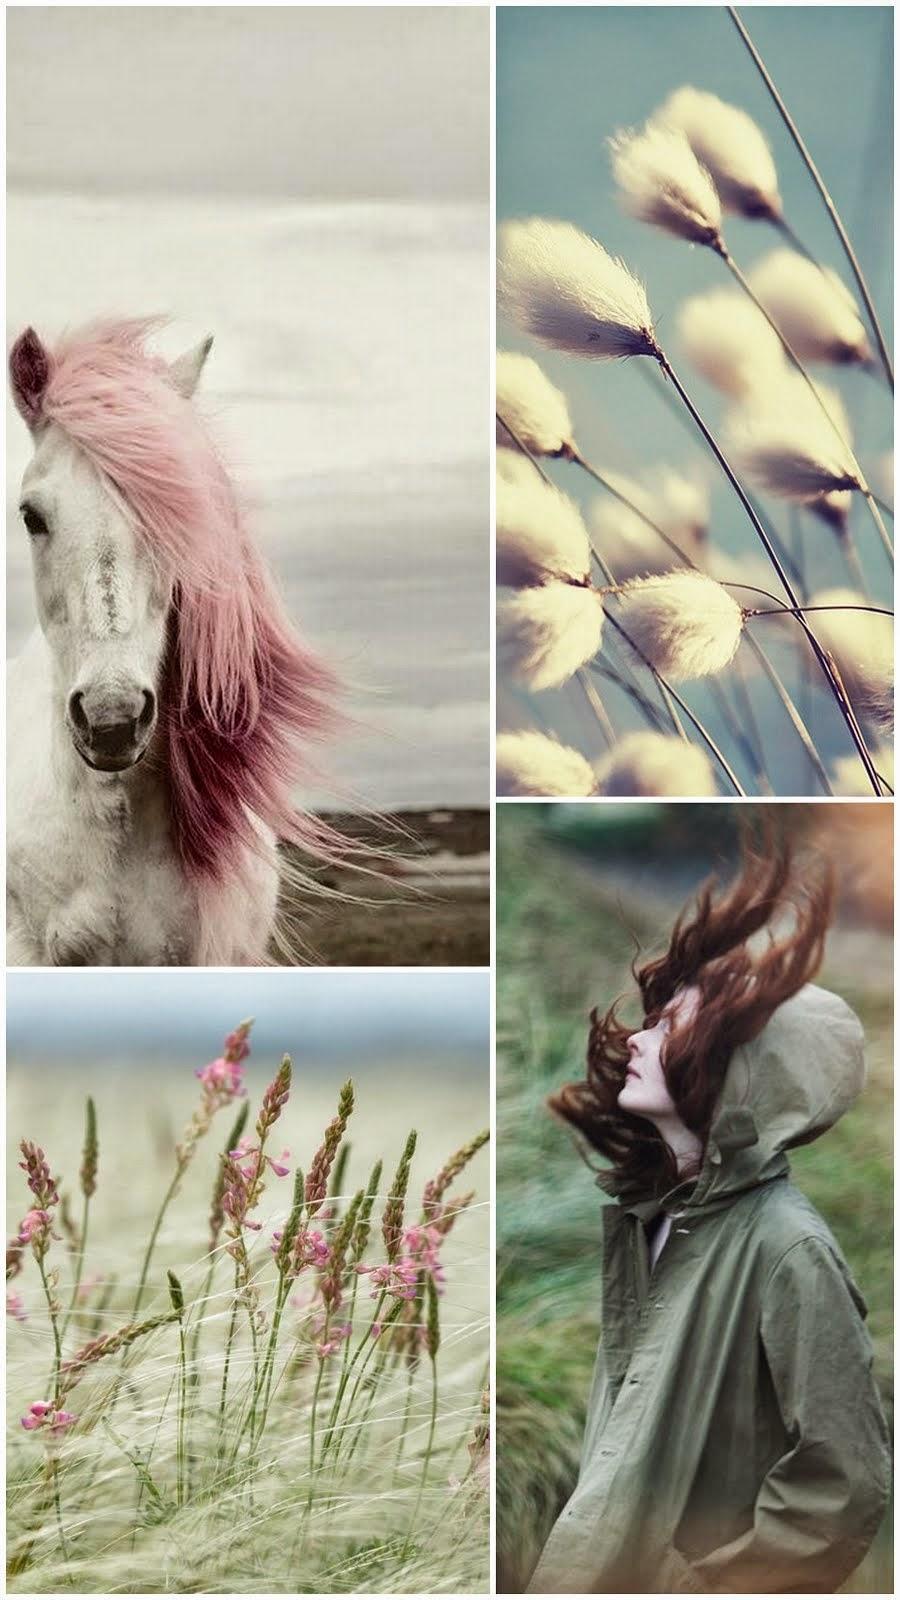 Marzo ventoso ☁